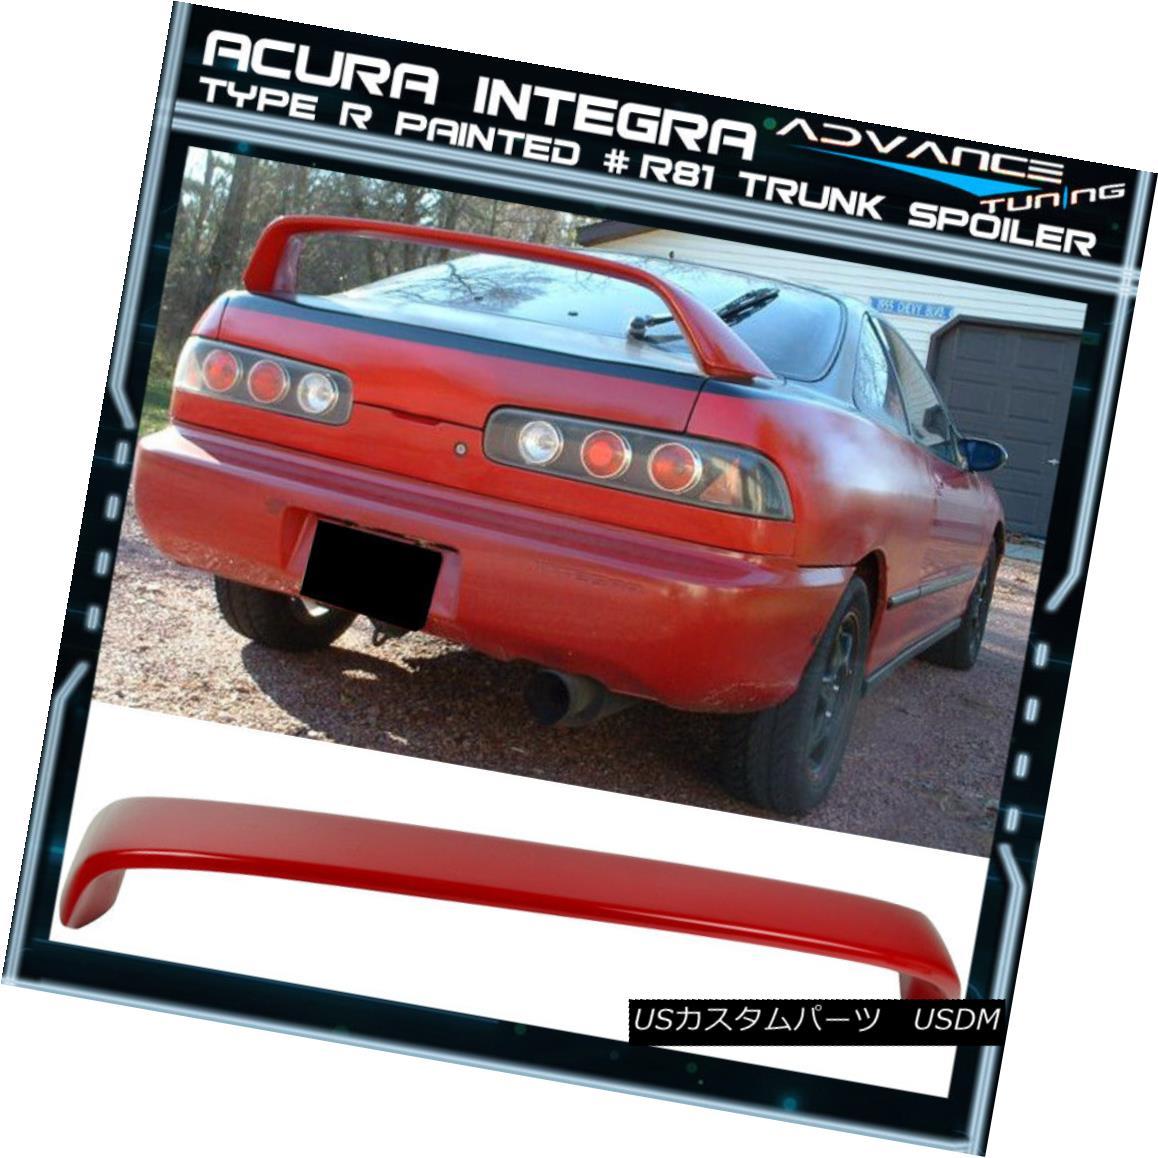 エアロパーツ 94-01 Integra DC2 Type R Painted # R81 Milano Red Trunk Spoiler 94-01 Integra DC2タイプR塗装済み#R81ミラノレッドトランク・スポイラー